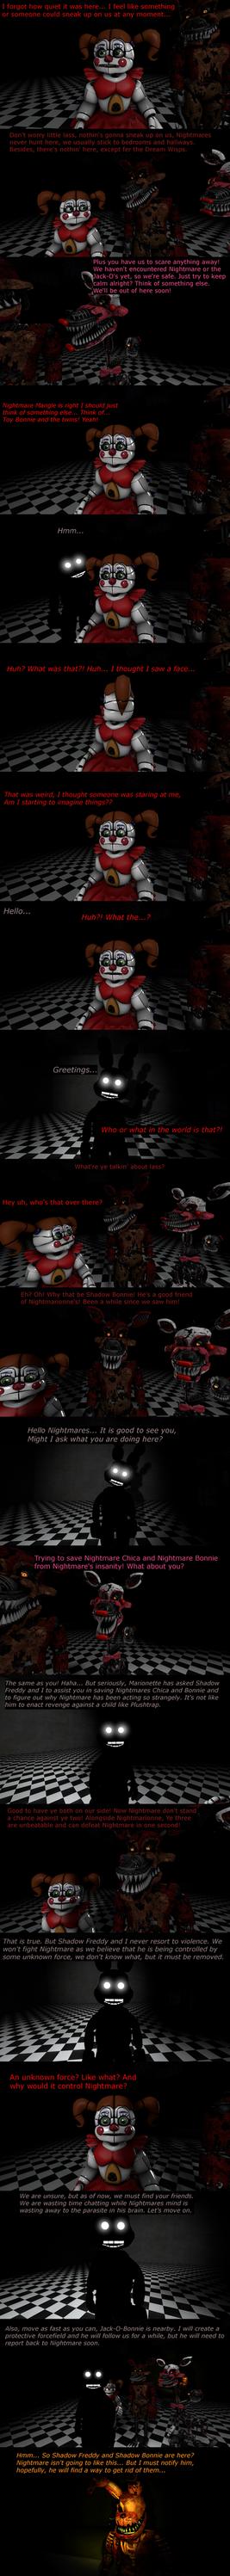 The Misfit Nightmare Pt 16 by EmeraldWerewolfHeart